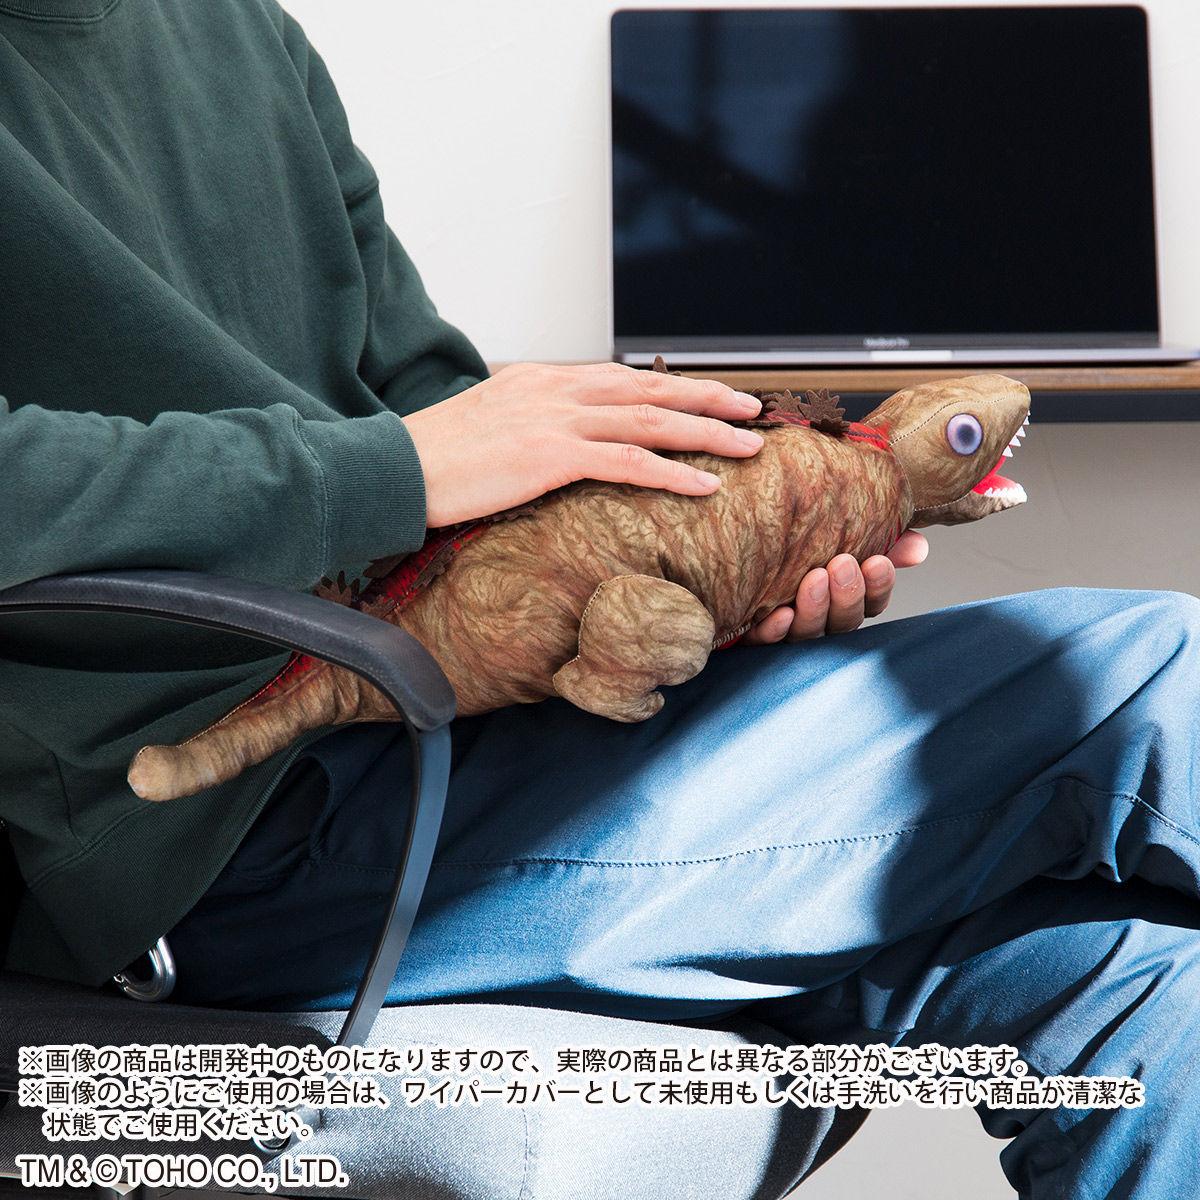 【限定販売】シン・ゴジラ『ゴジラ第2形態 フローリングワイパーカバー』グッズ-007